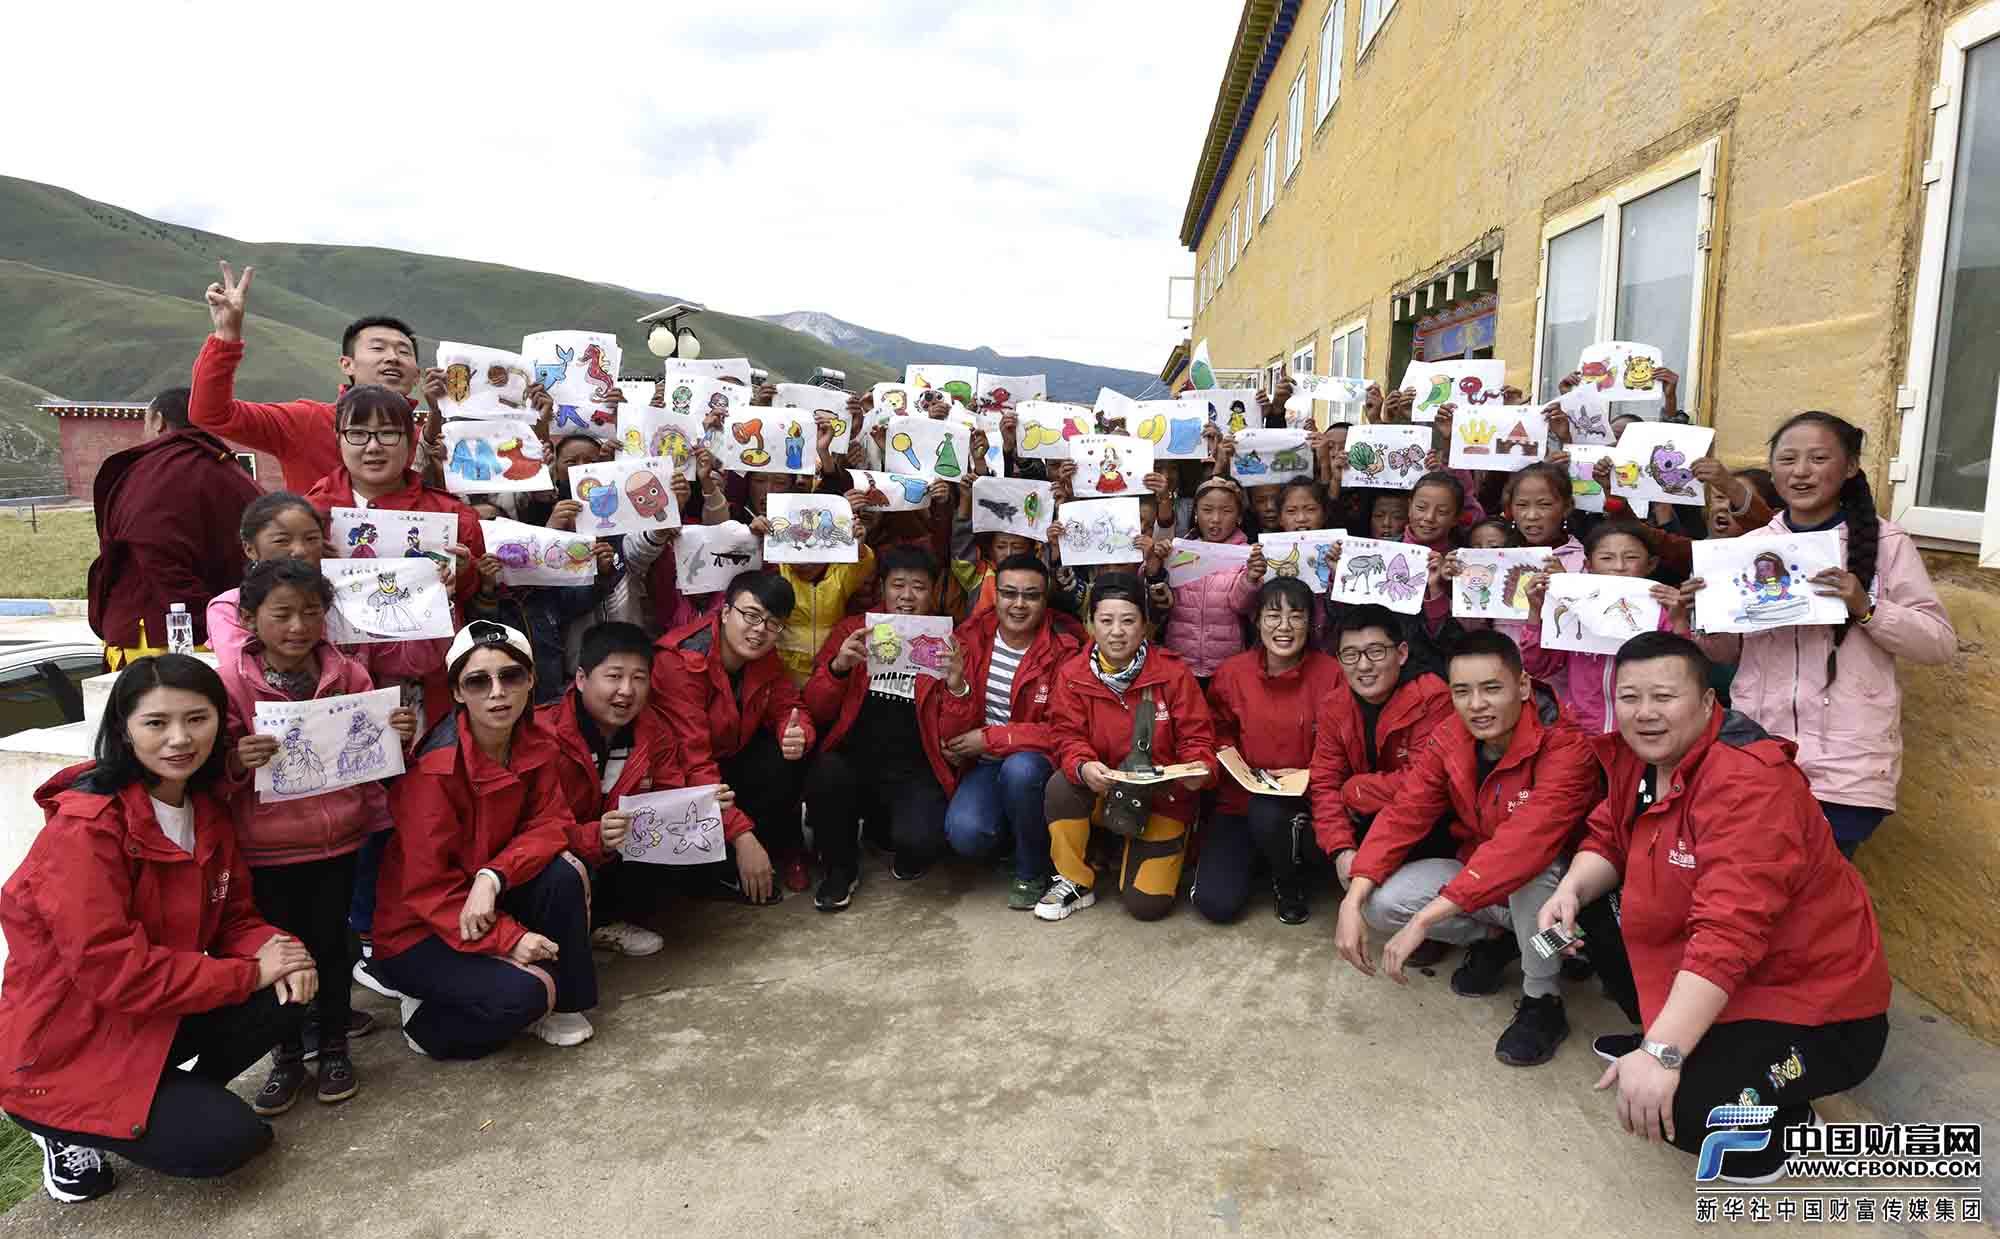 学生们展示自己的绘画作品